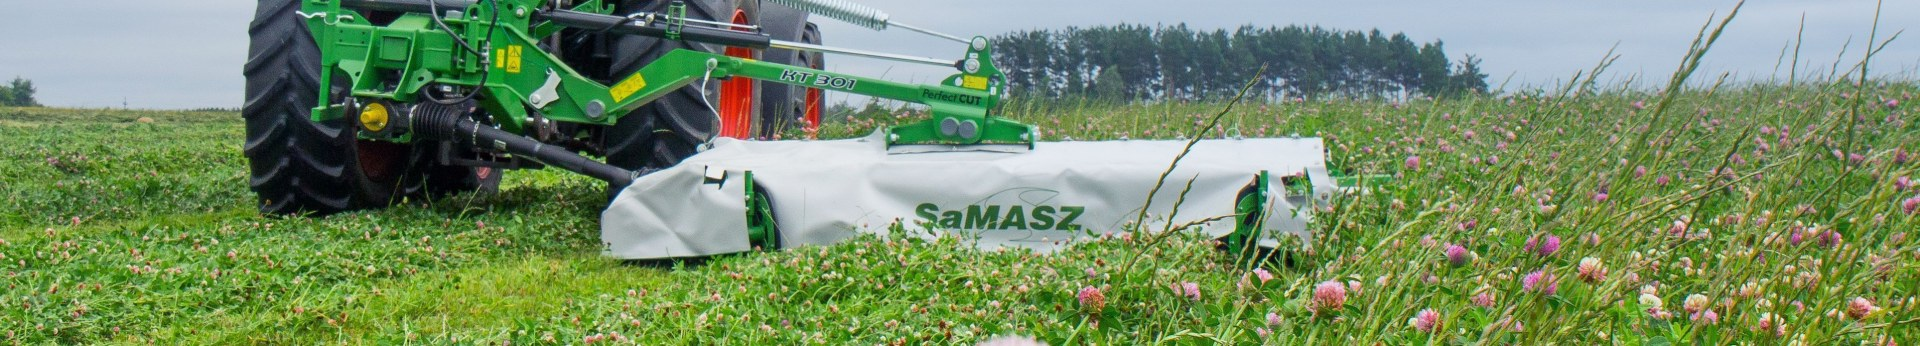 Kosiarka do trawy tylna dyskowa zawieszana SAMASZ typ KT 301 kosi trawę na łące Korbanek.pl